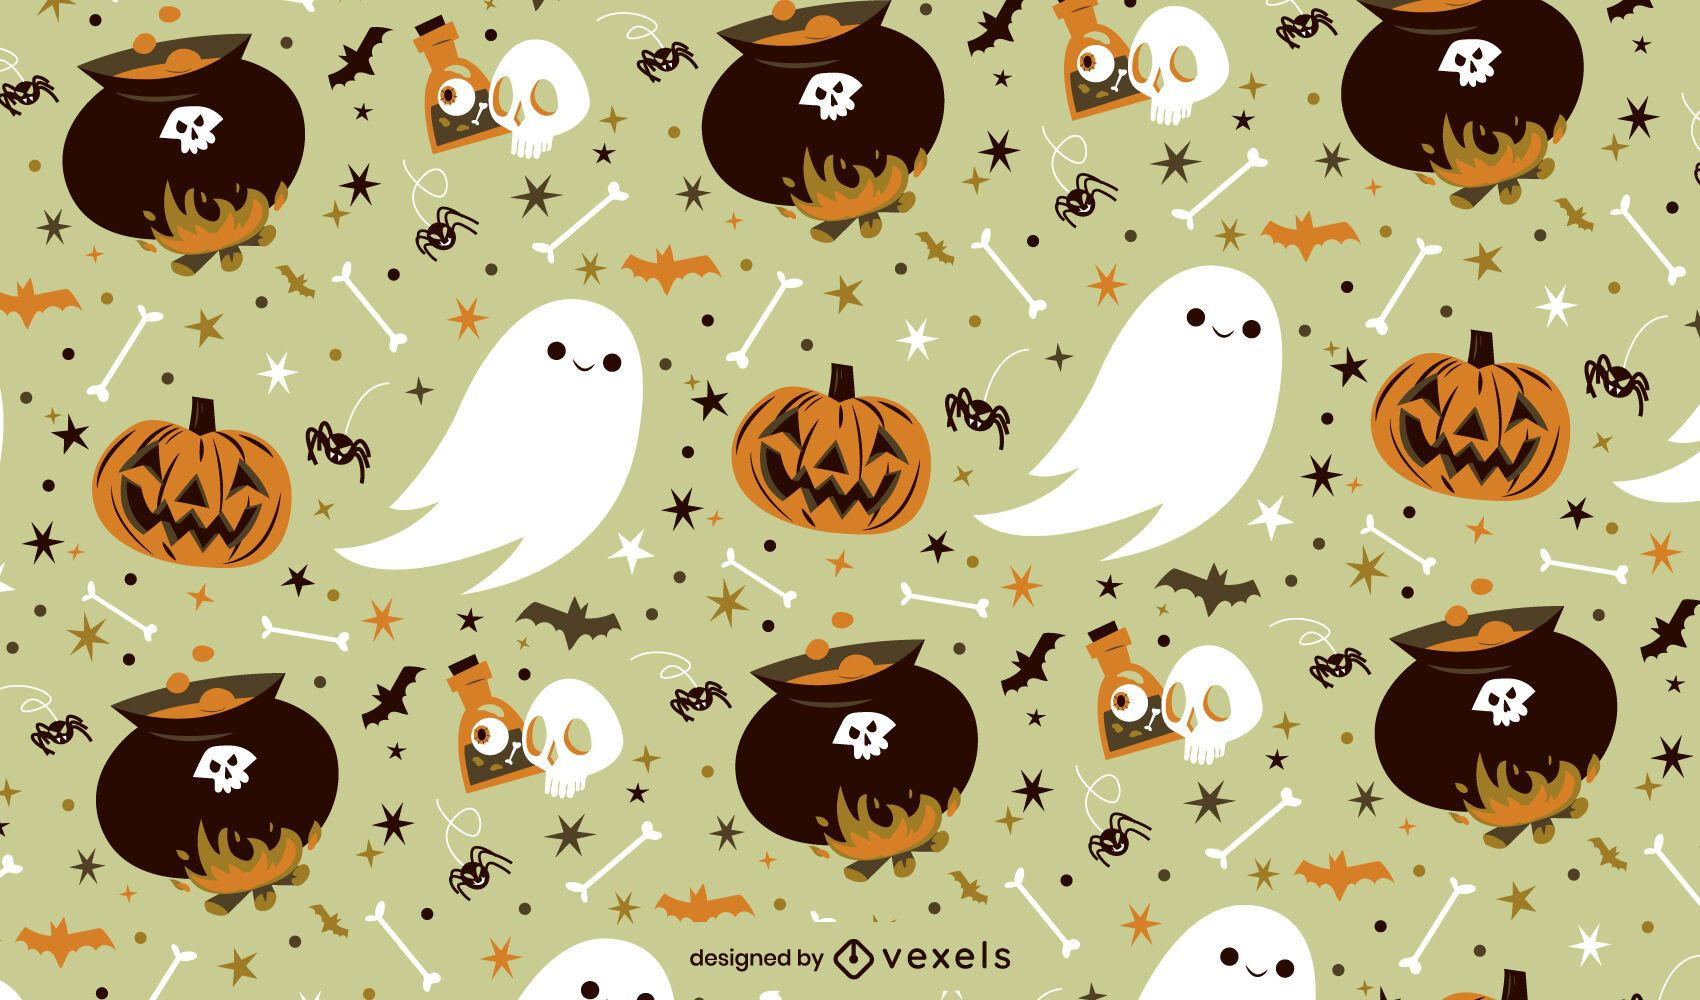 Projeto de padrão assustador de poções de Halloween